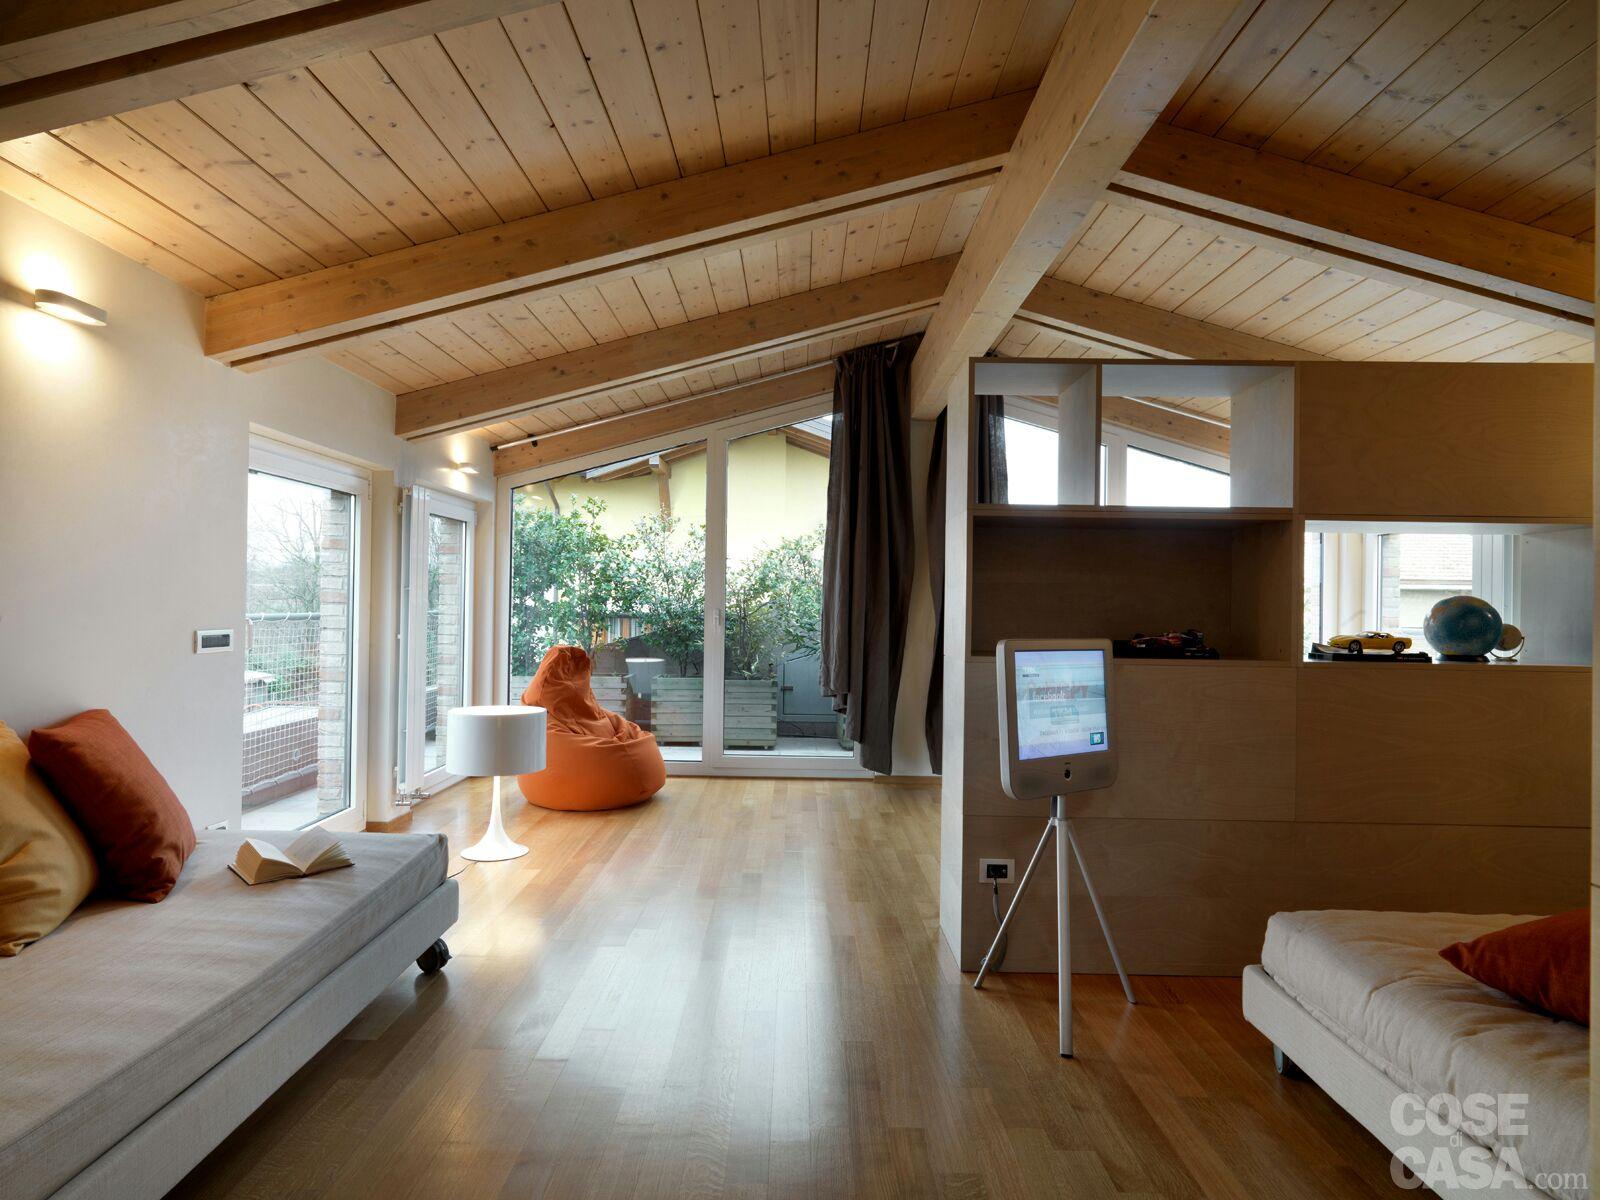 Una casa unica merita un arredamento unico. Vendita Case Mobili Case Con Ruote Casa In Legno